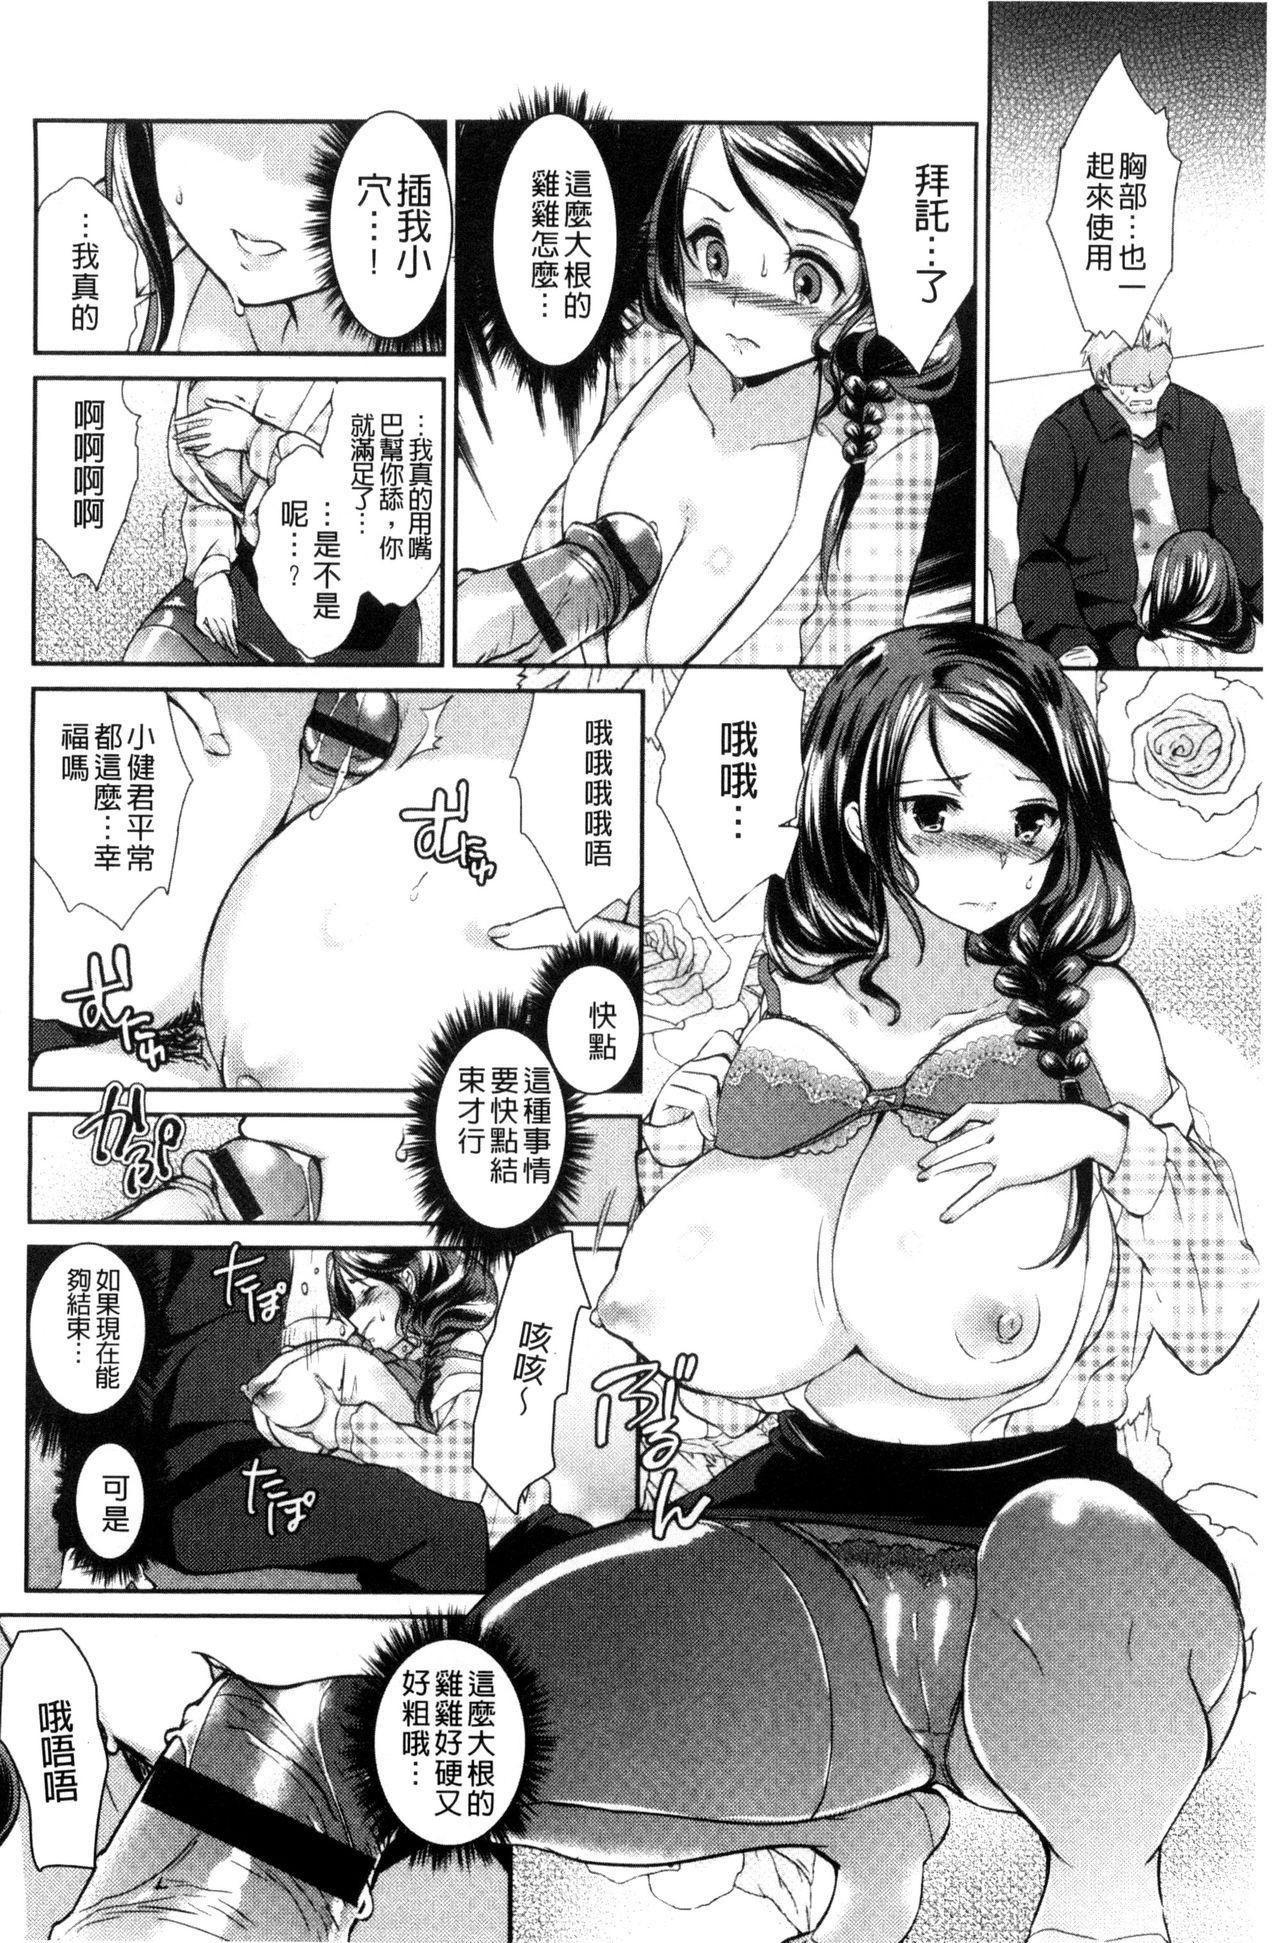 Hitozuma Fushin 22